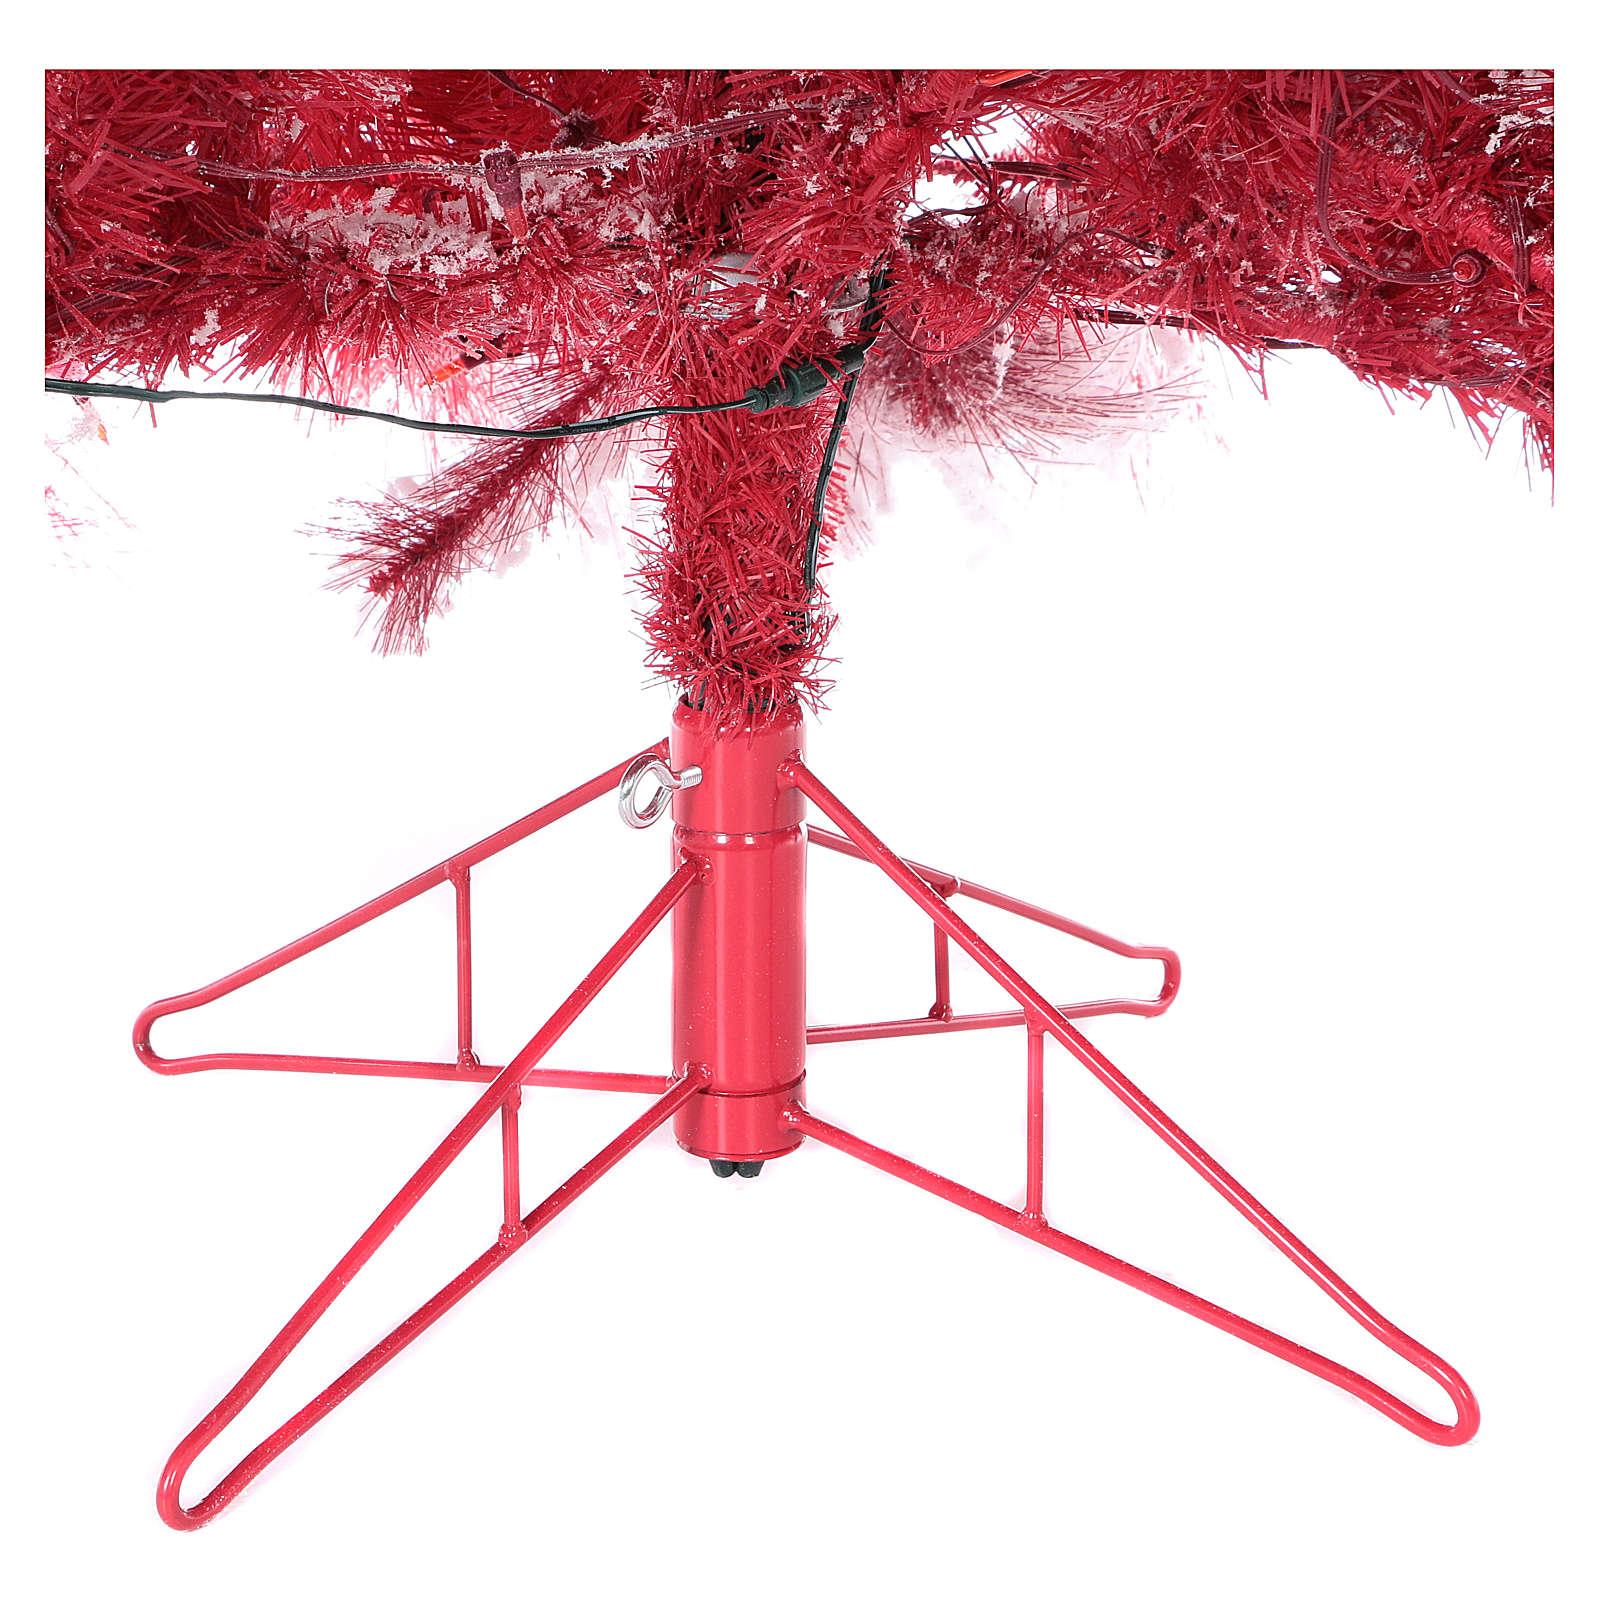 Weihnachtbaum Mod. Red Velvet mit Schnee 270cm 700 Leds 3